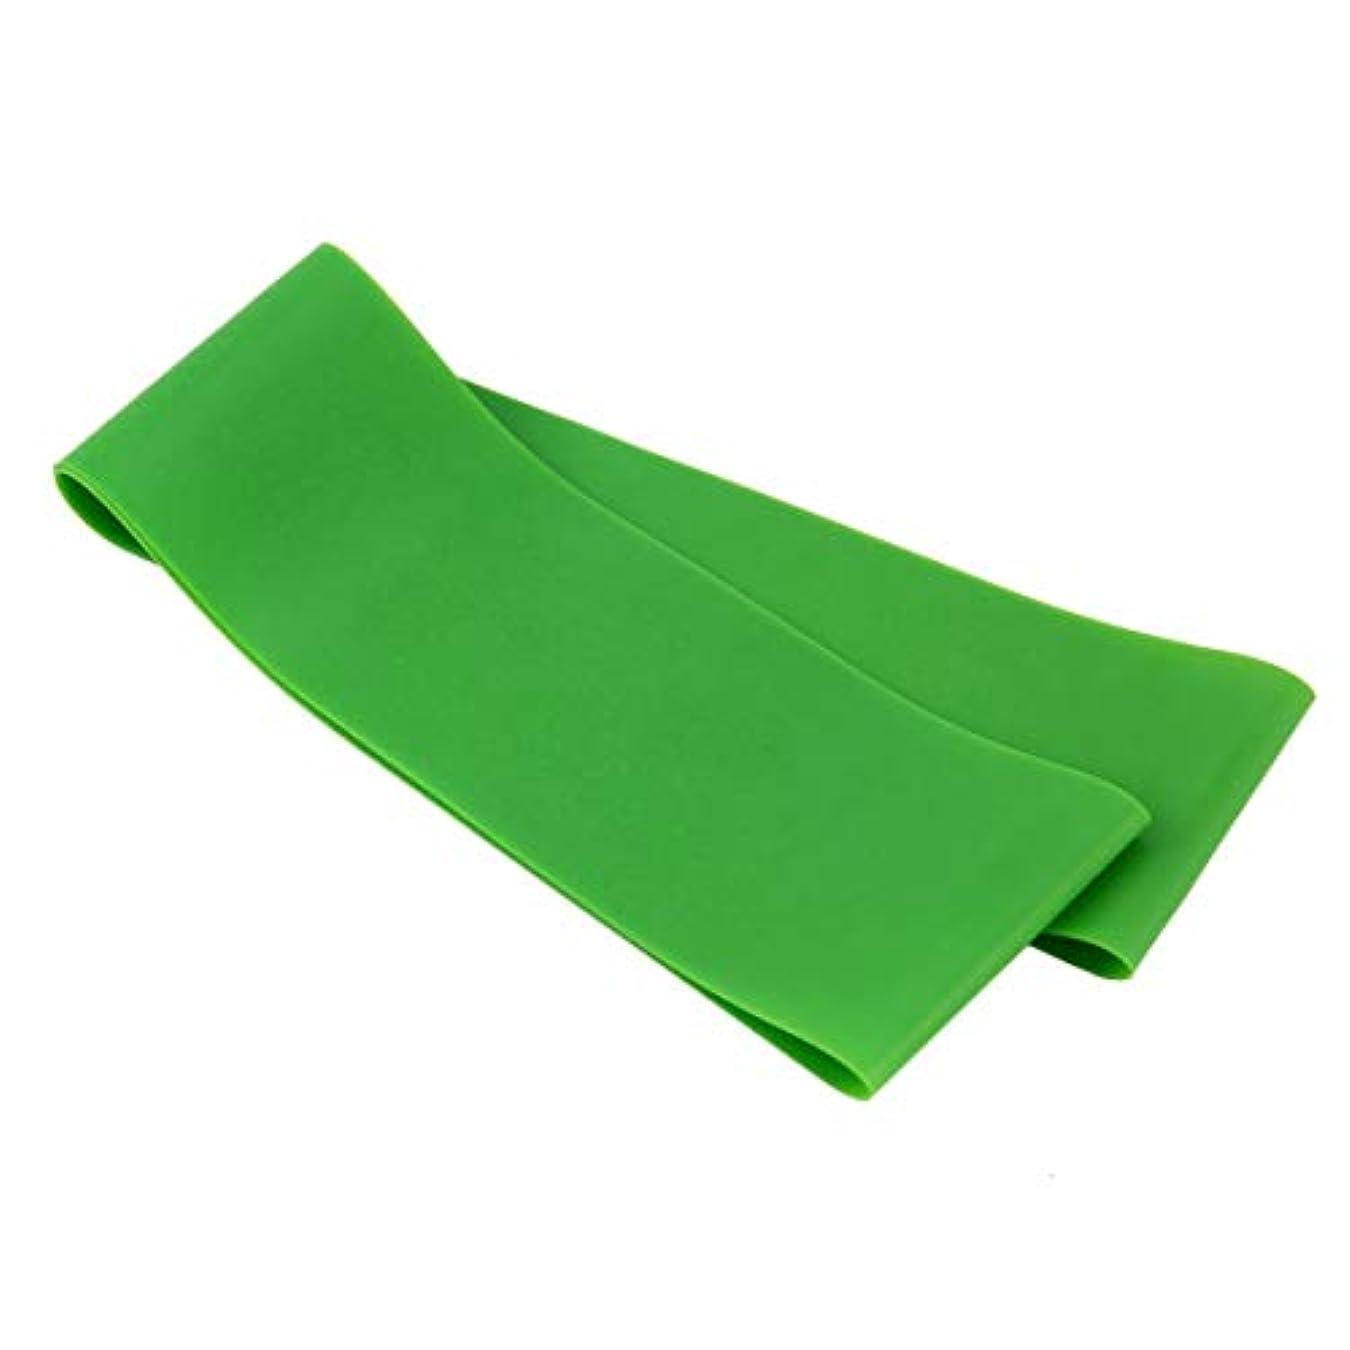 ステレオタイプ申し立てられたマラドロイト滑り止め伸縮性ゴム弾性ヨガベルトバンドプルロープ張力抵抗バンドループ強度のためのフィットネスヨガツール - グリーン